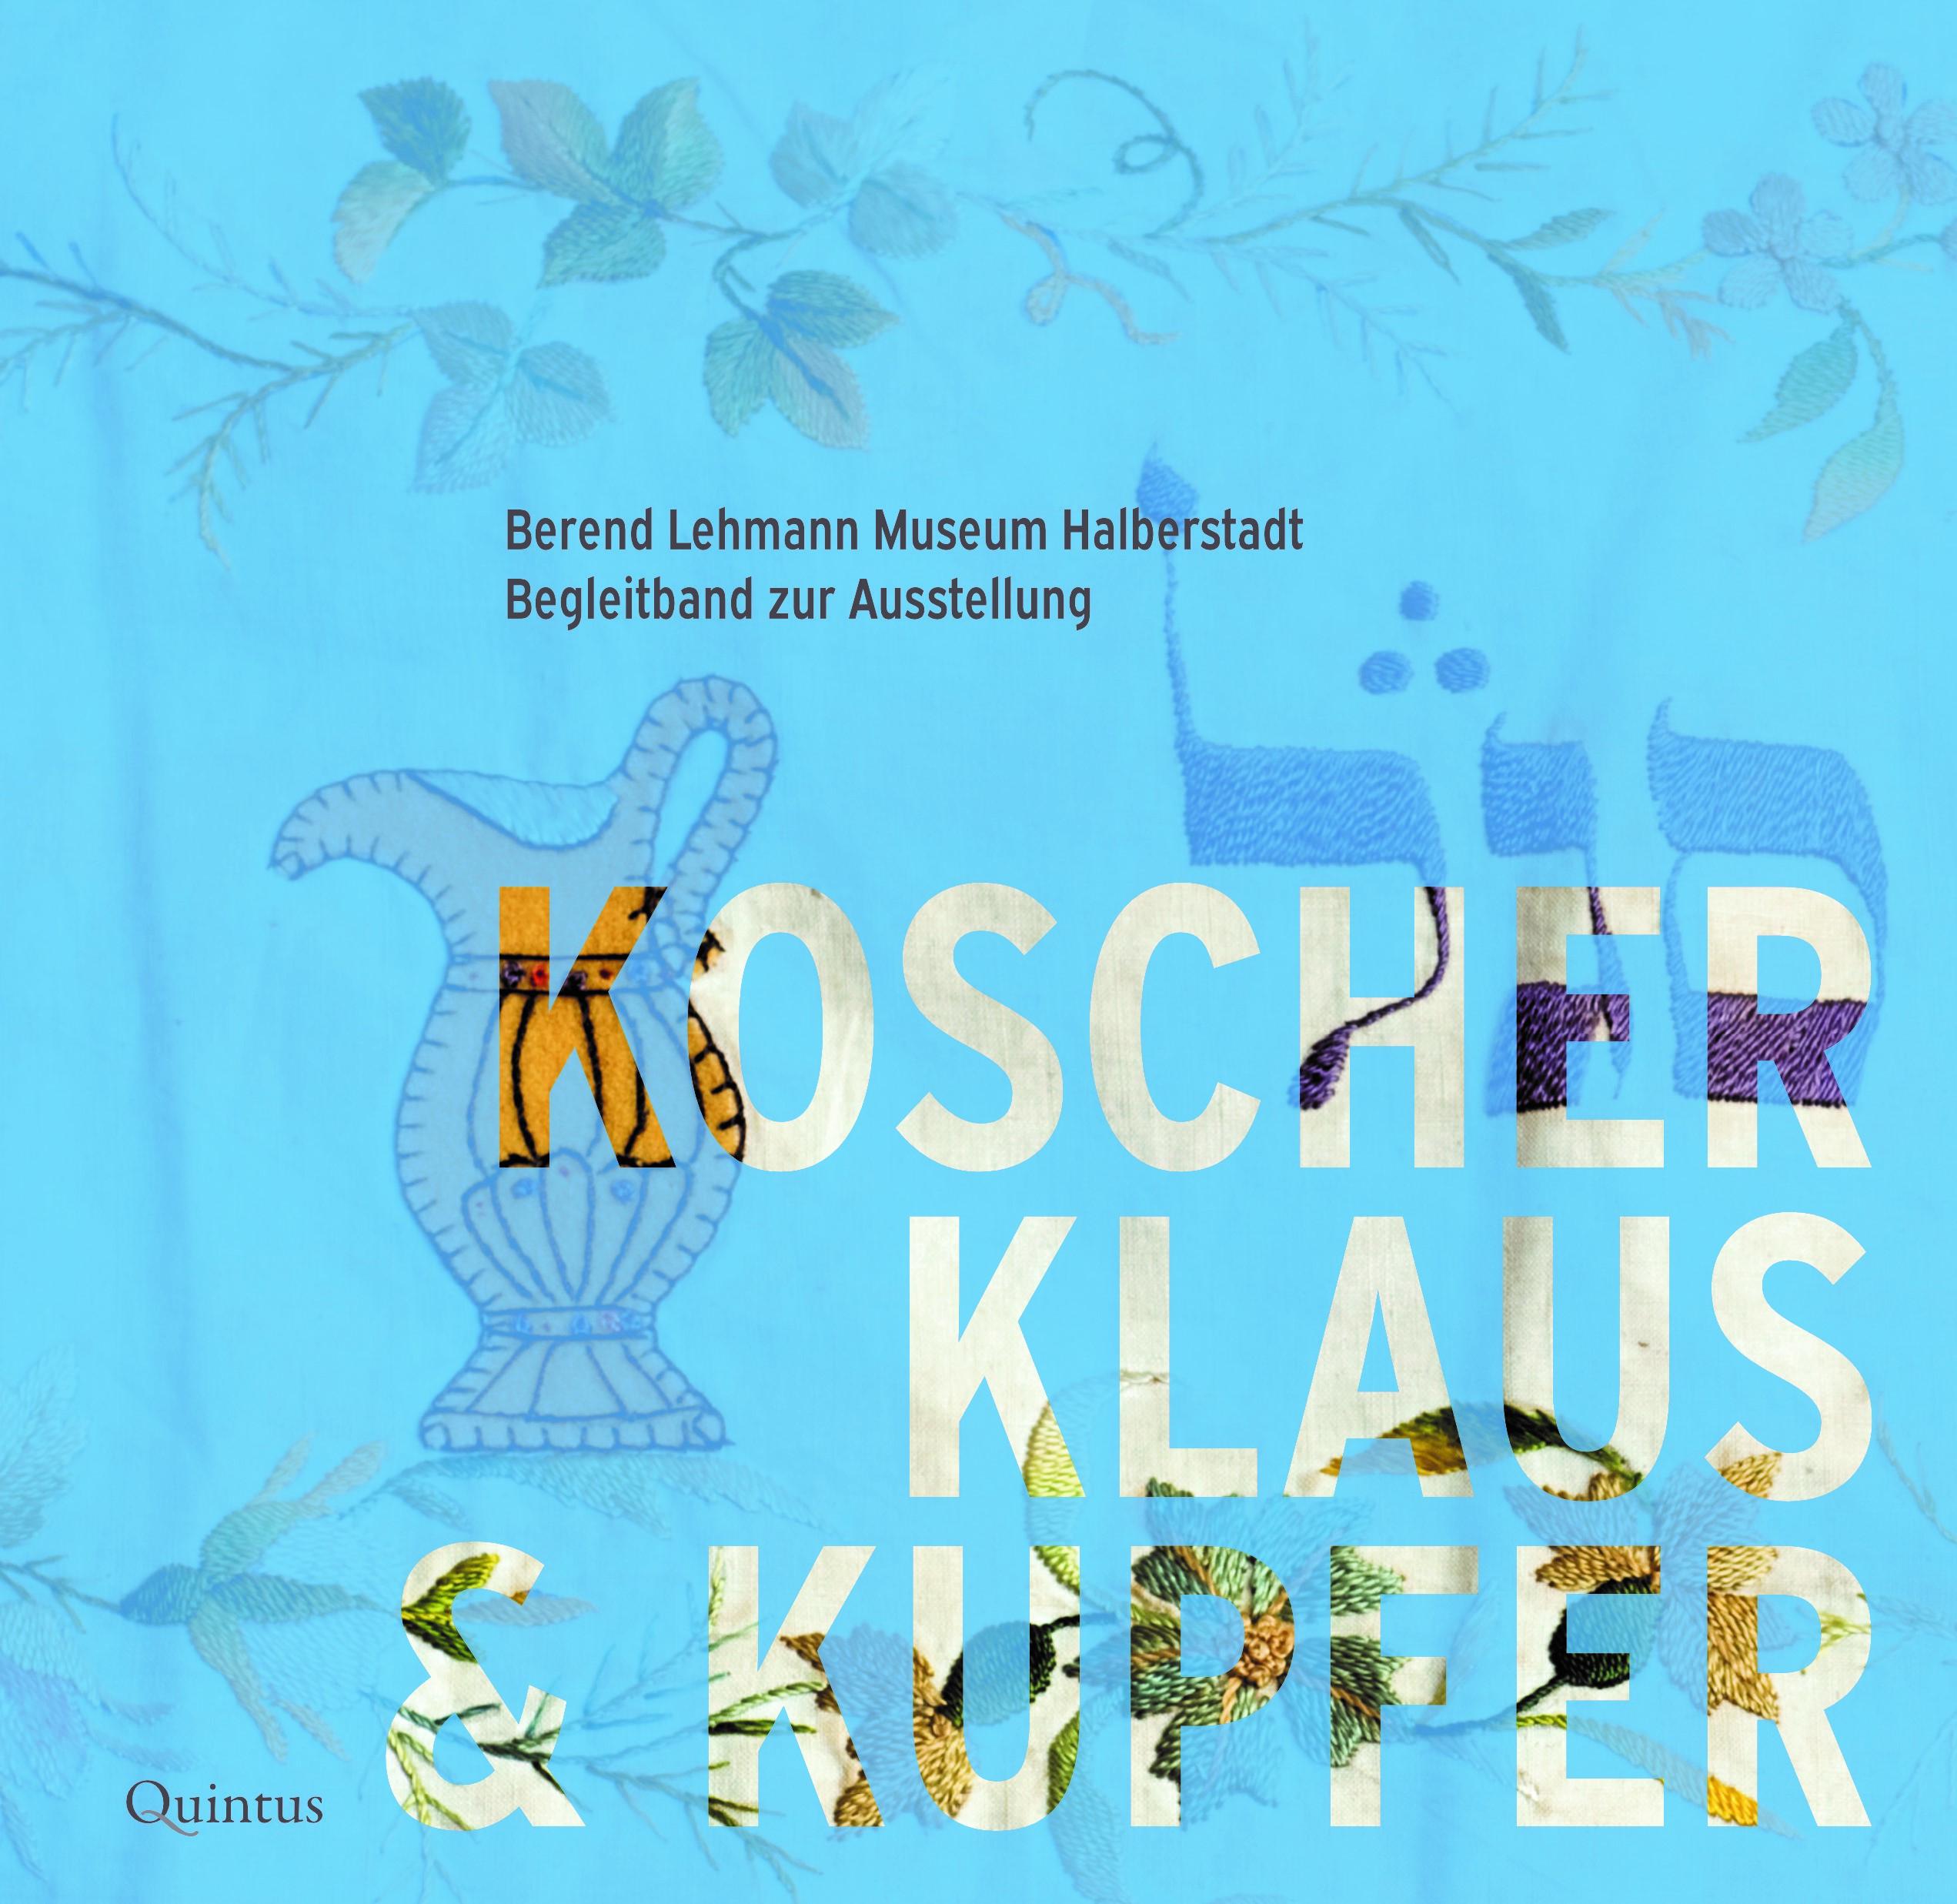 Koscher, Klaus & Kupfer